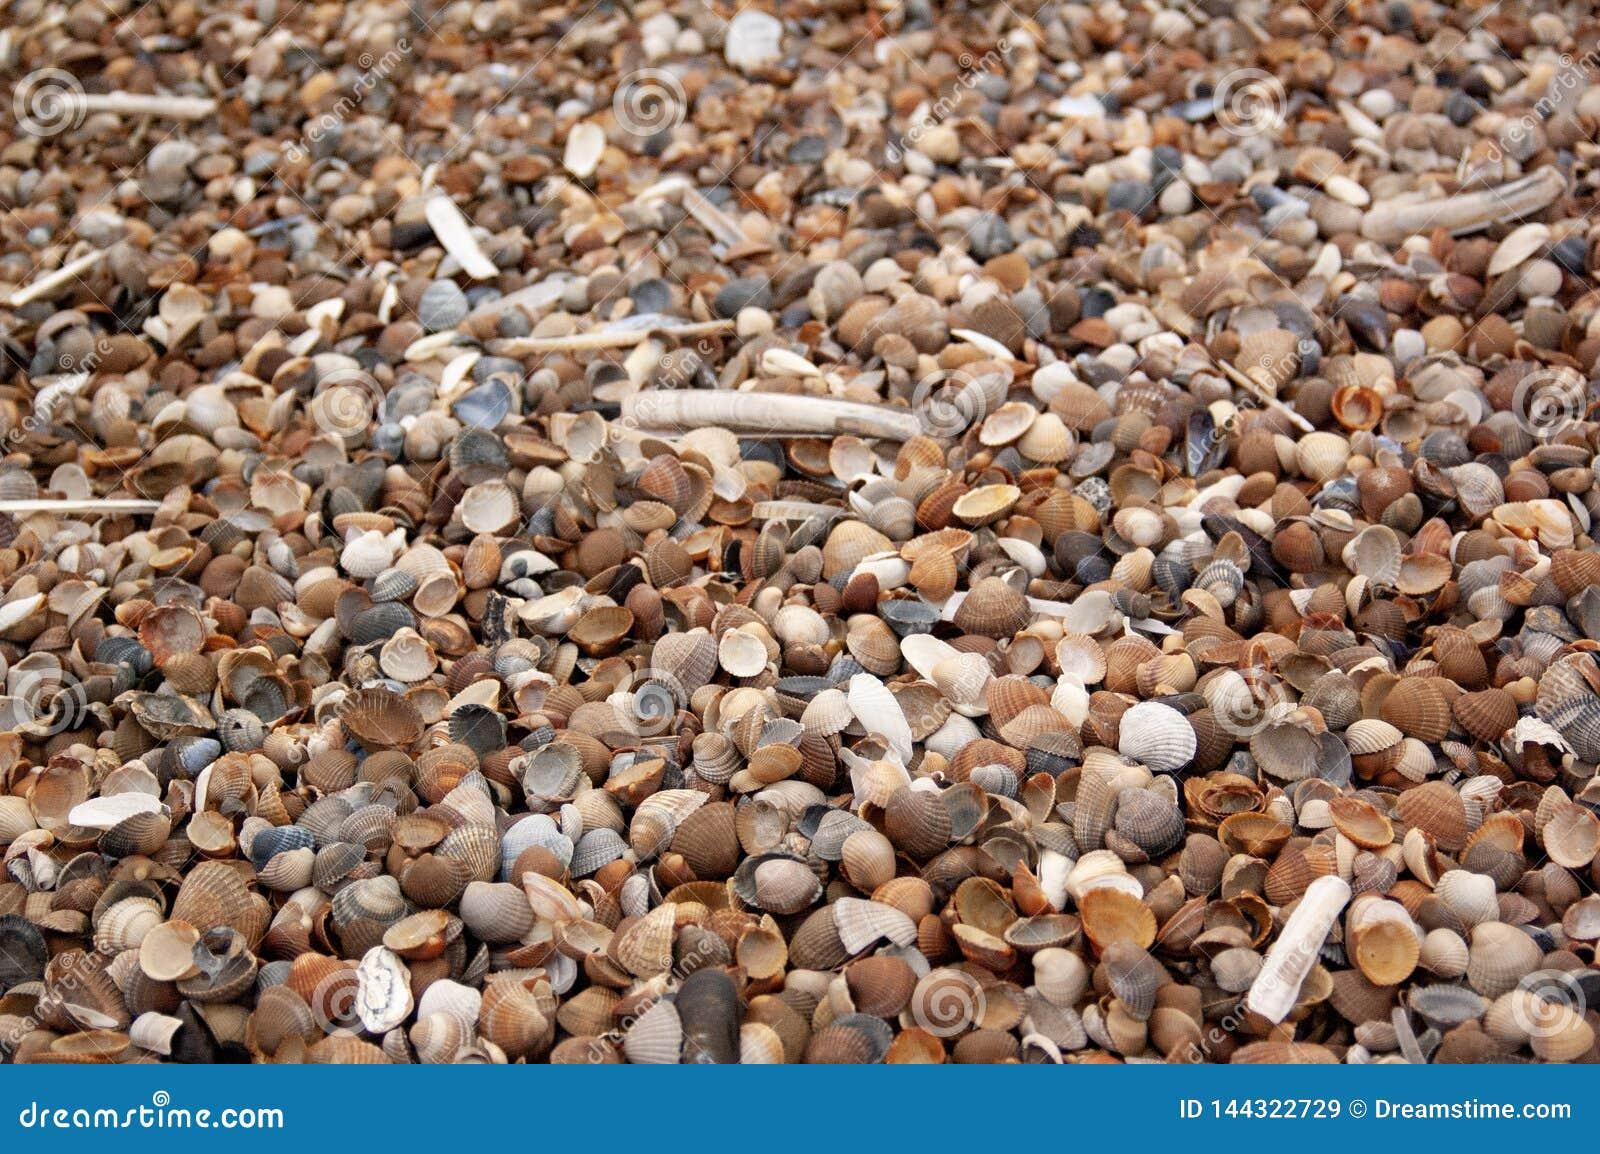 Conchas do mar e moluscos em areias litorais